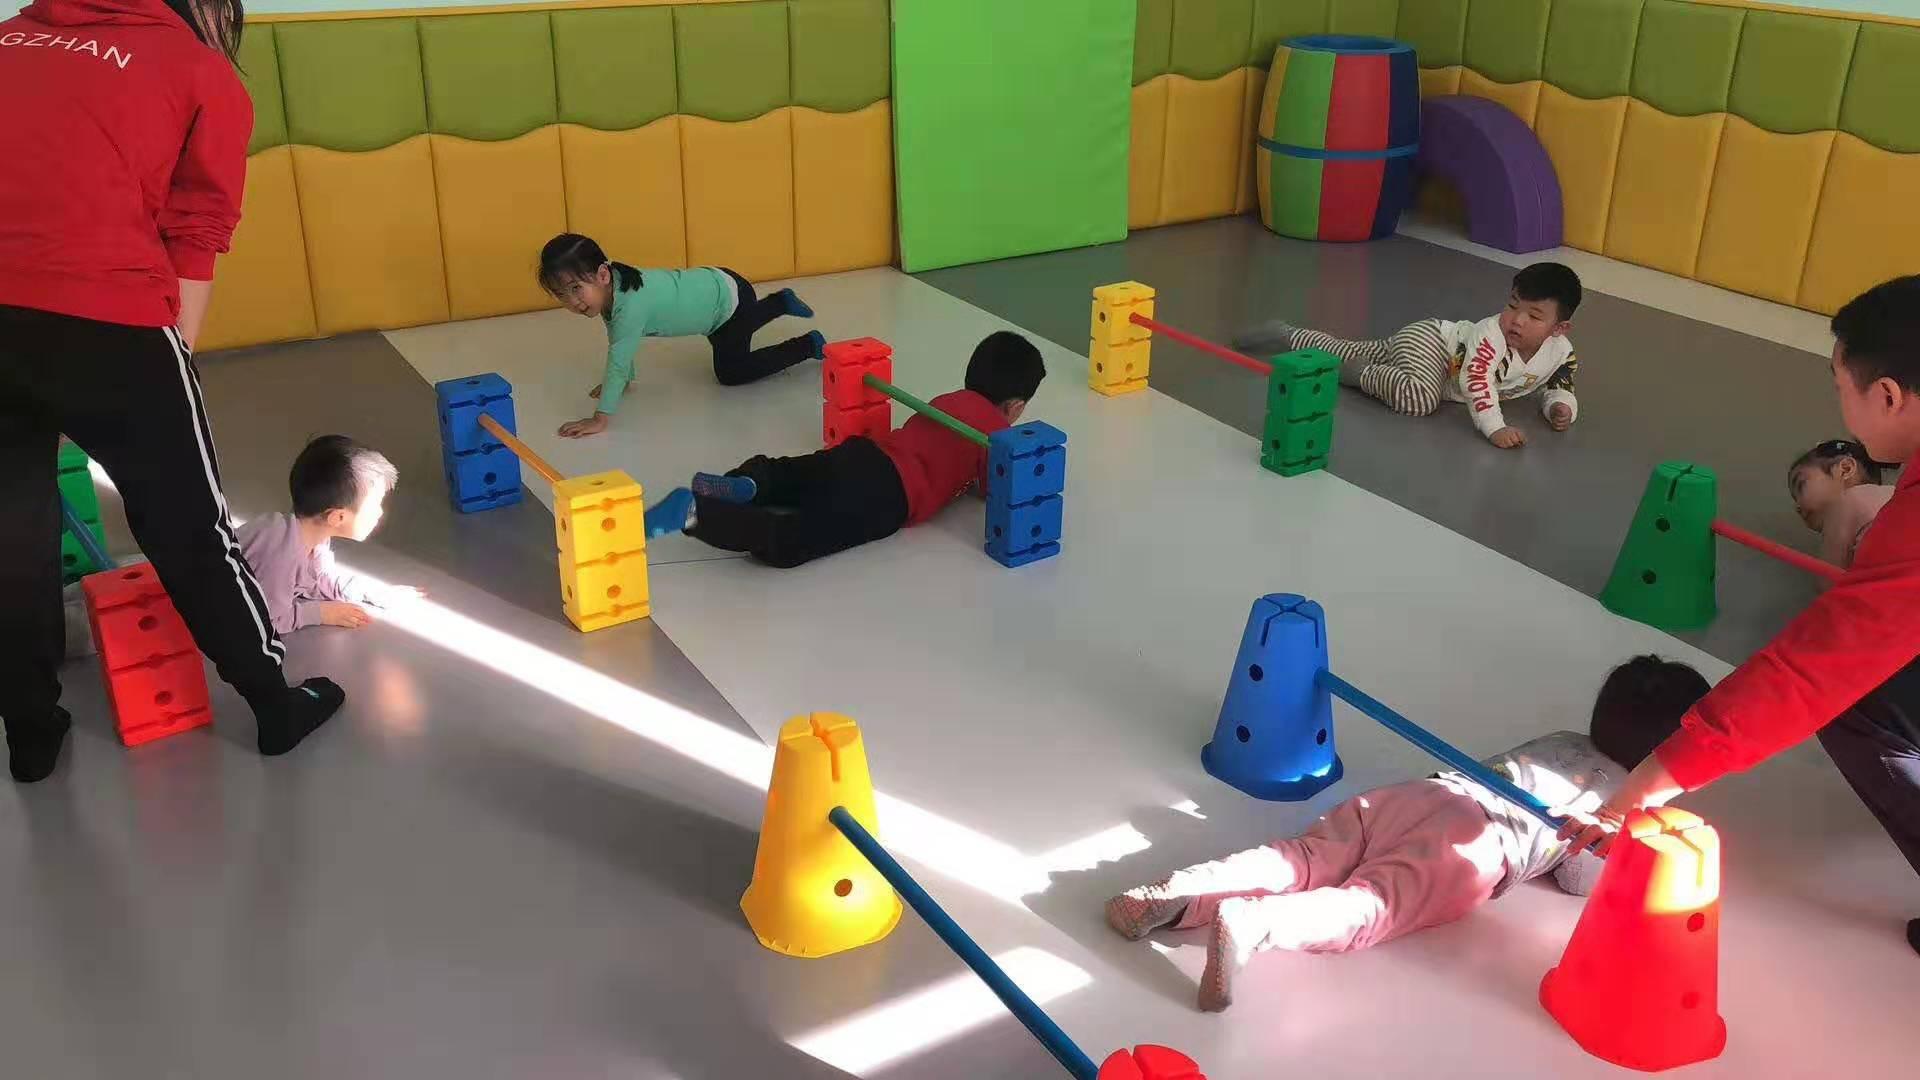 内蒙古儿童感统训练找谁家-英湛教育咨询有限公司-具有口碑的感统训练机构